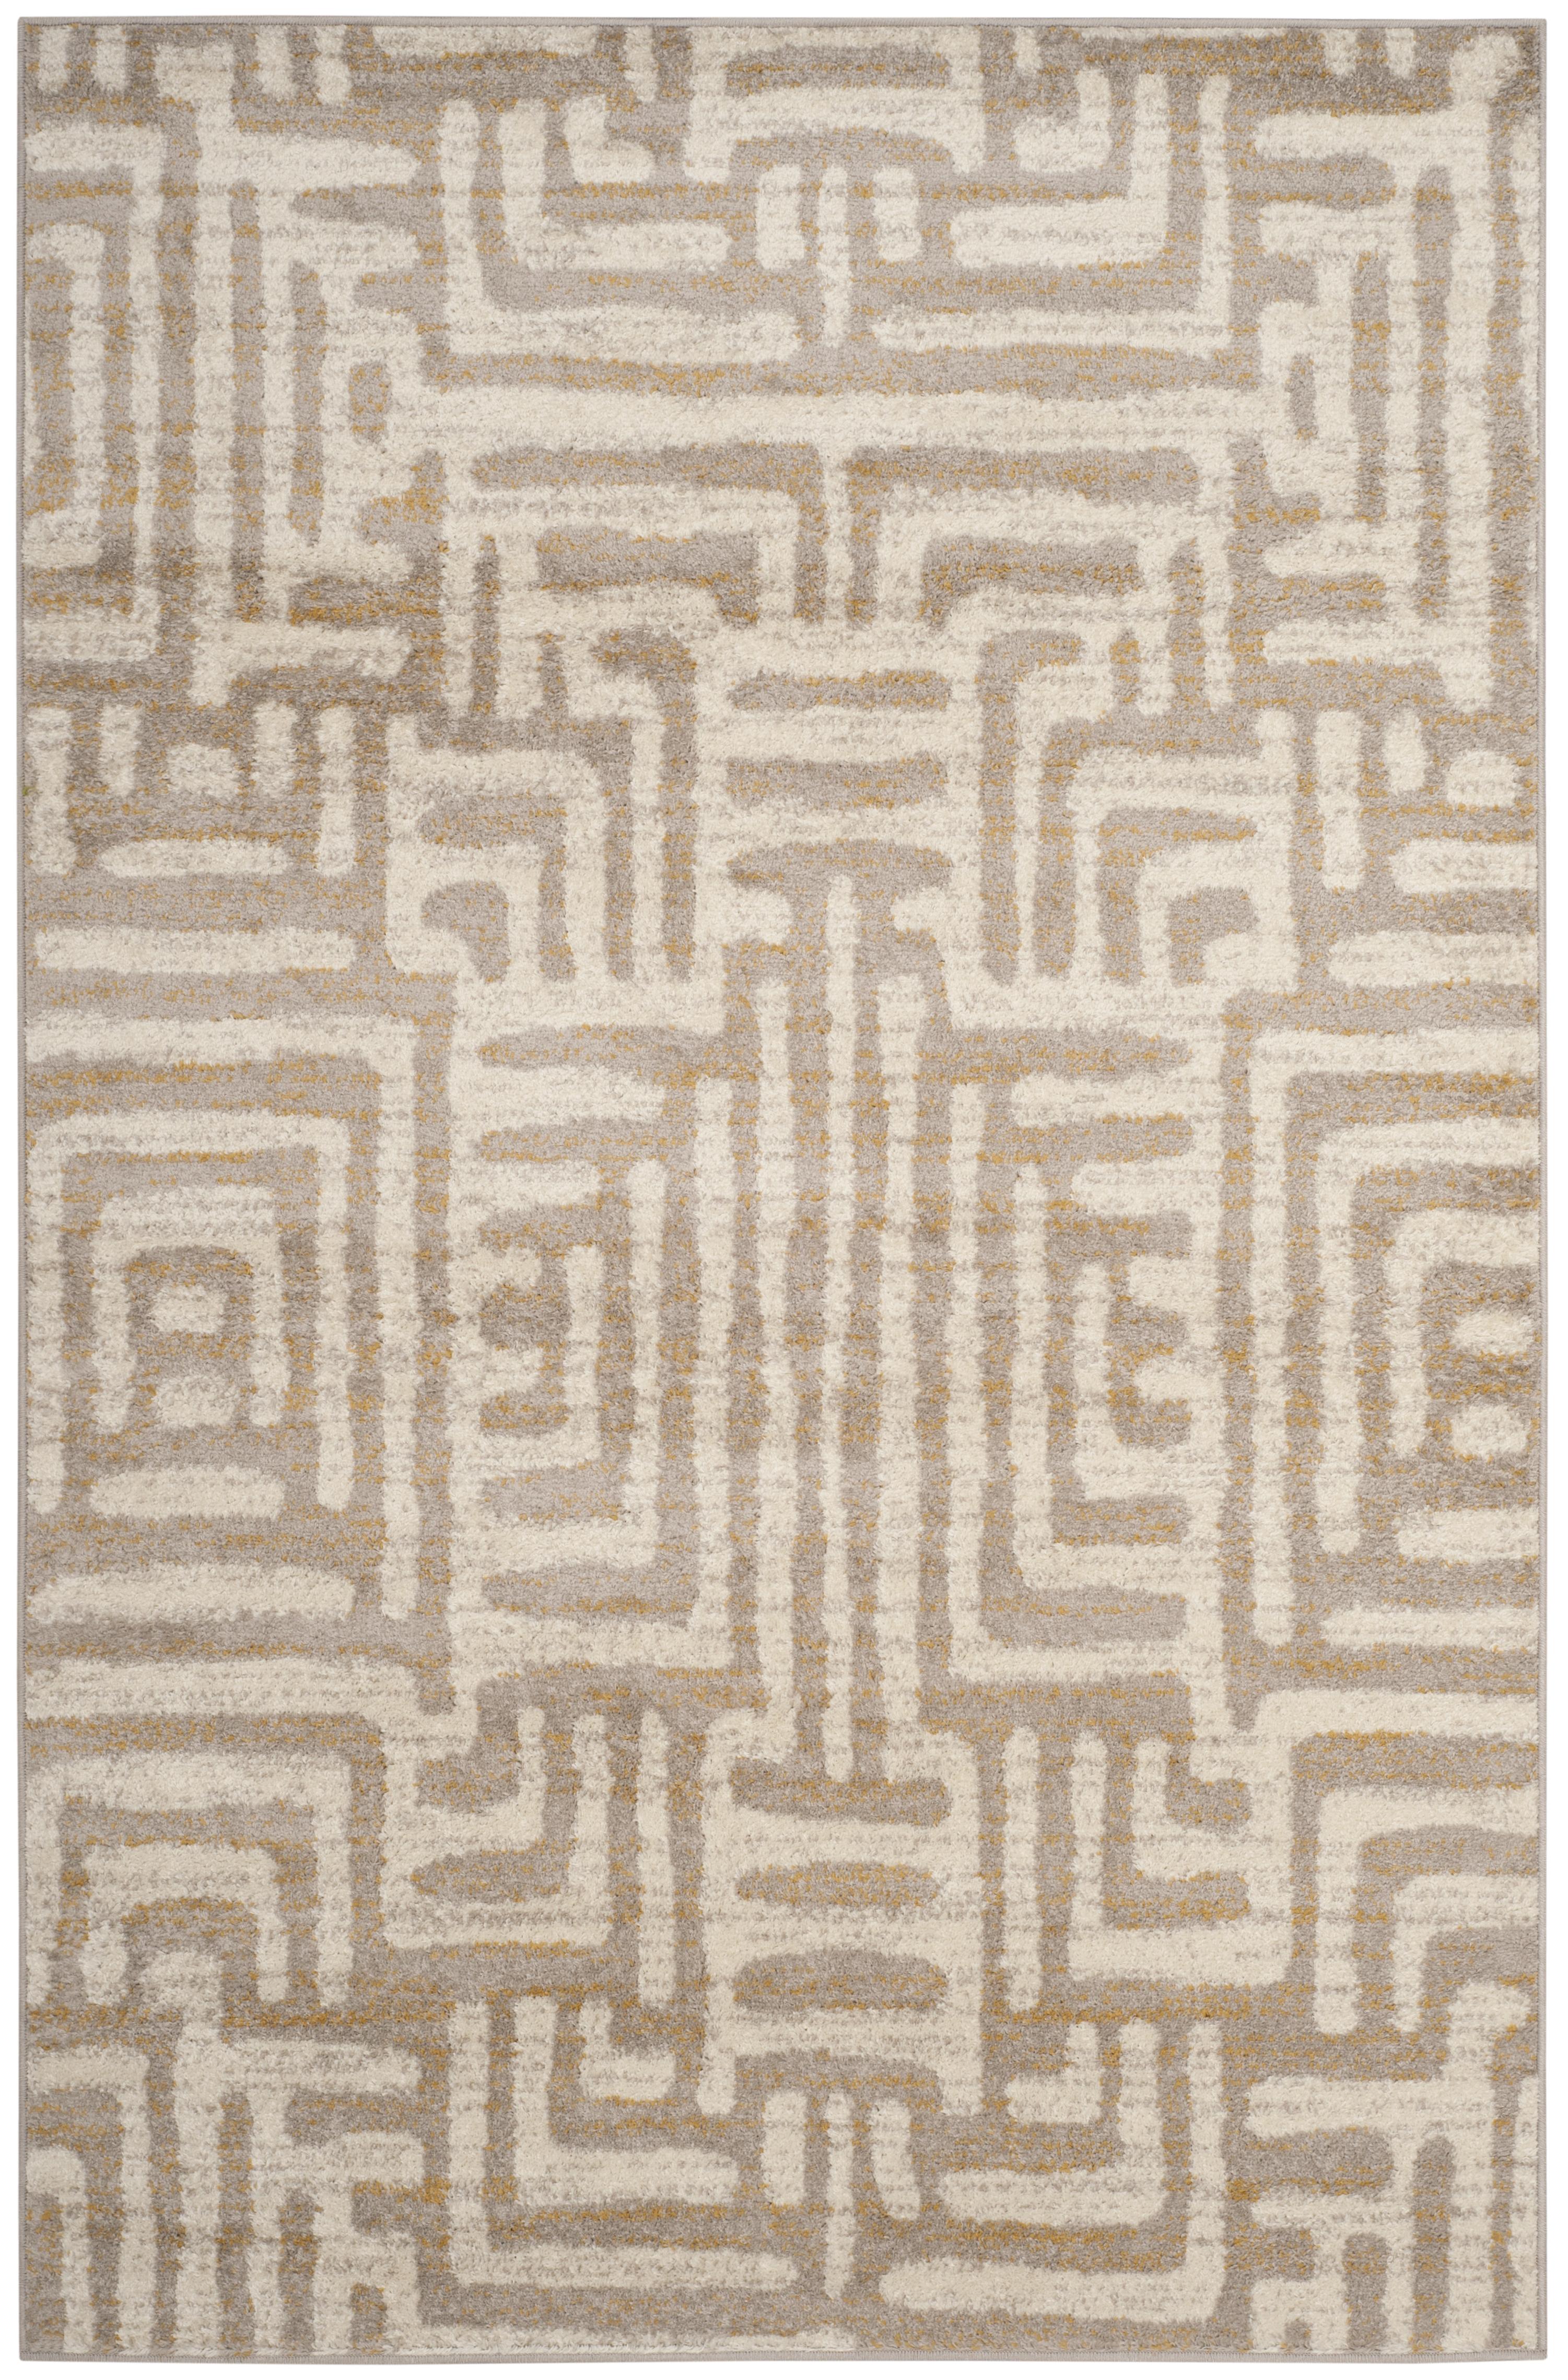 Tapis de salon contemporain  ivoire et mauve 160x230